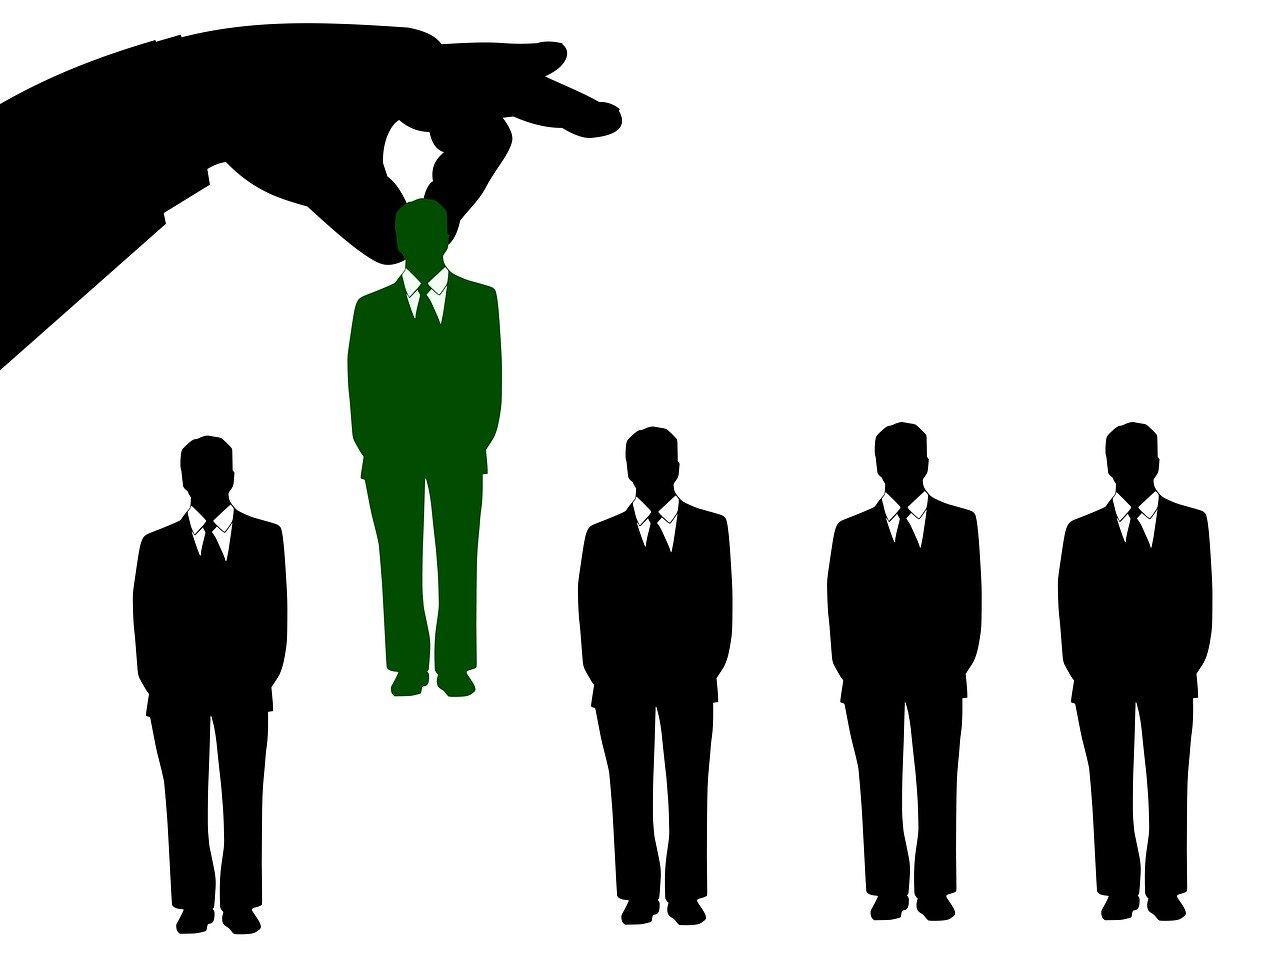 Quien gana - El mejor cv es Linkedin - Consultor y Formador Linkedin - Jose Manuel Lodeiro - Experto